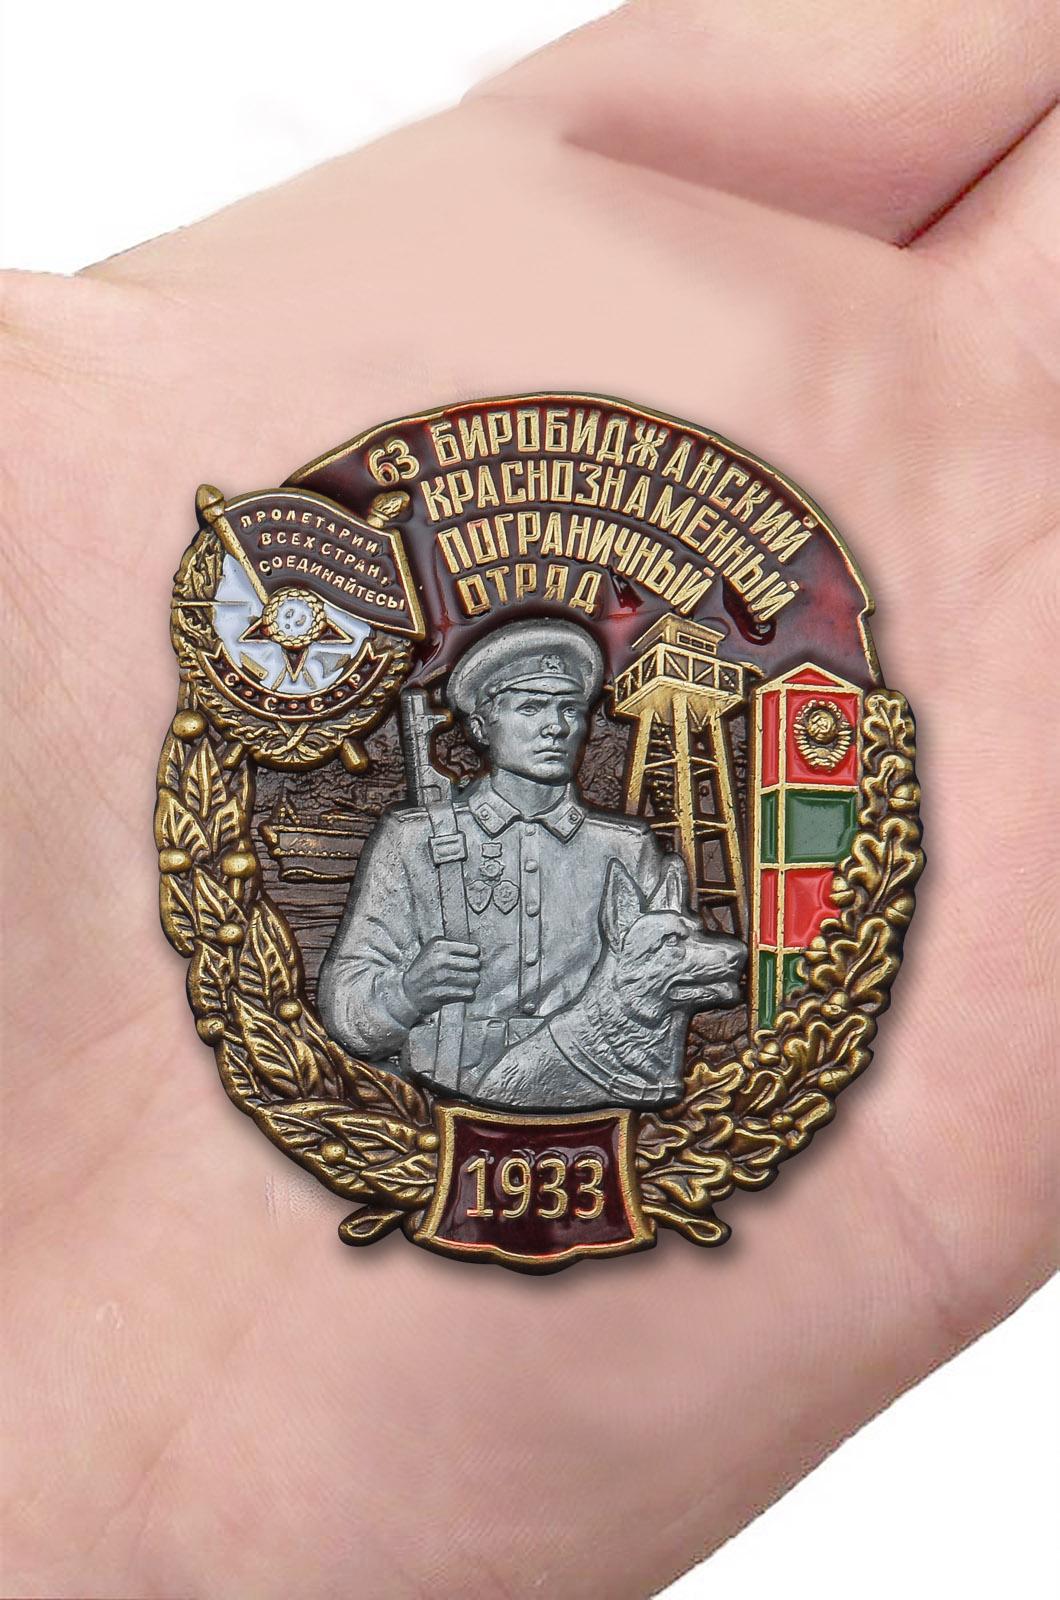 Заказать знак 63 Биробиджанский Краснознамённый Пограничный отряд